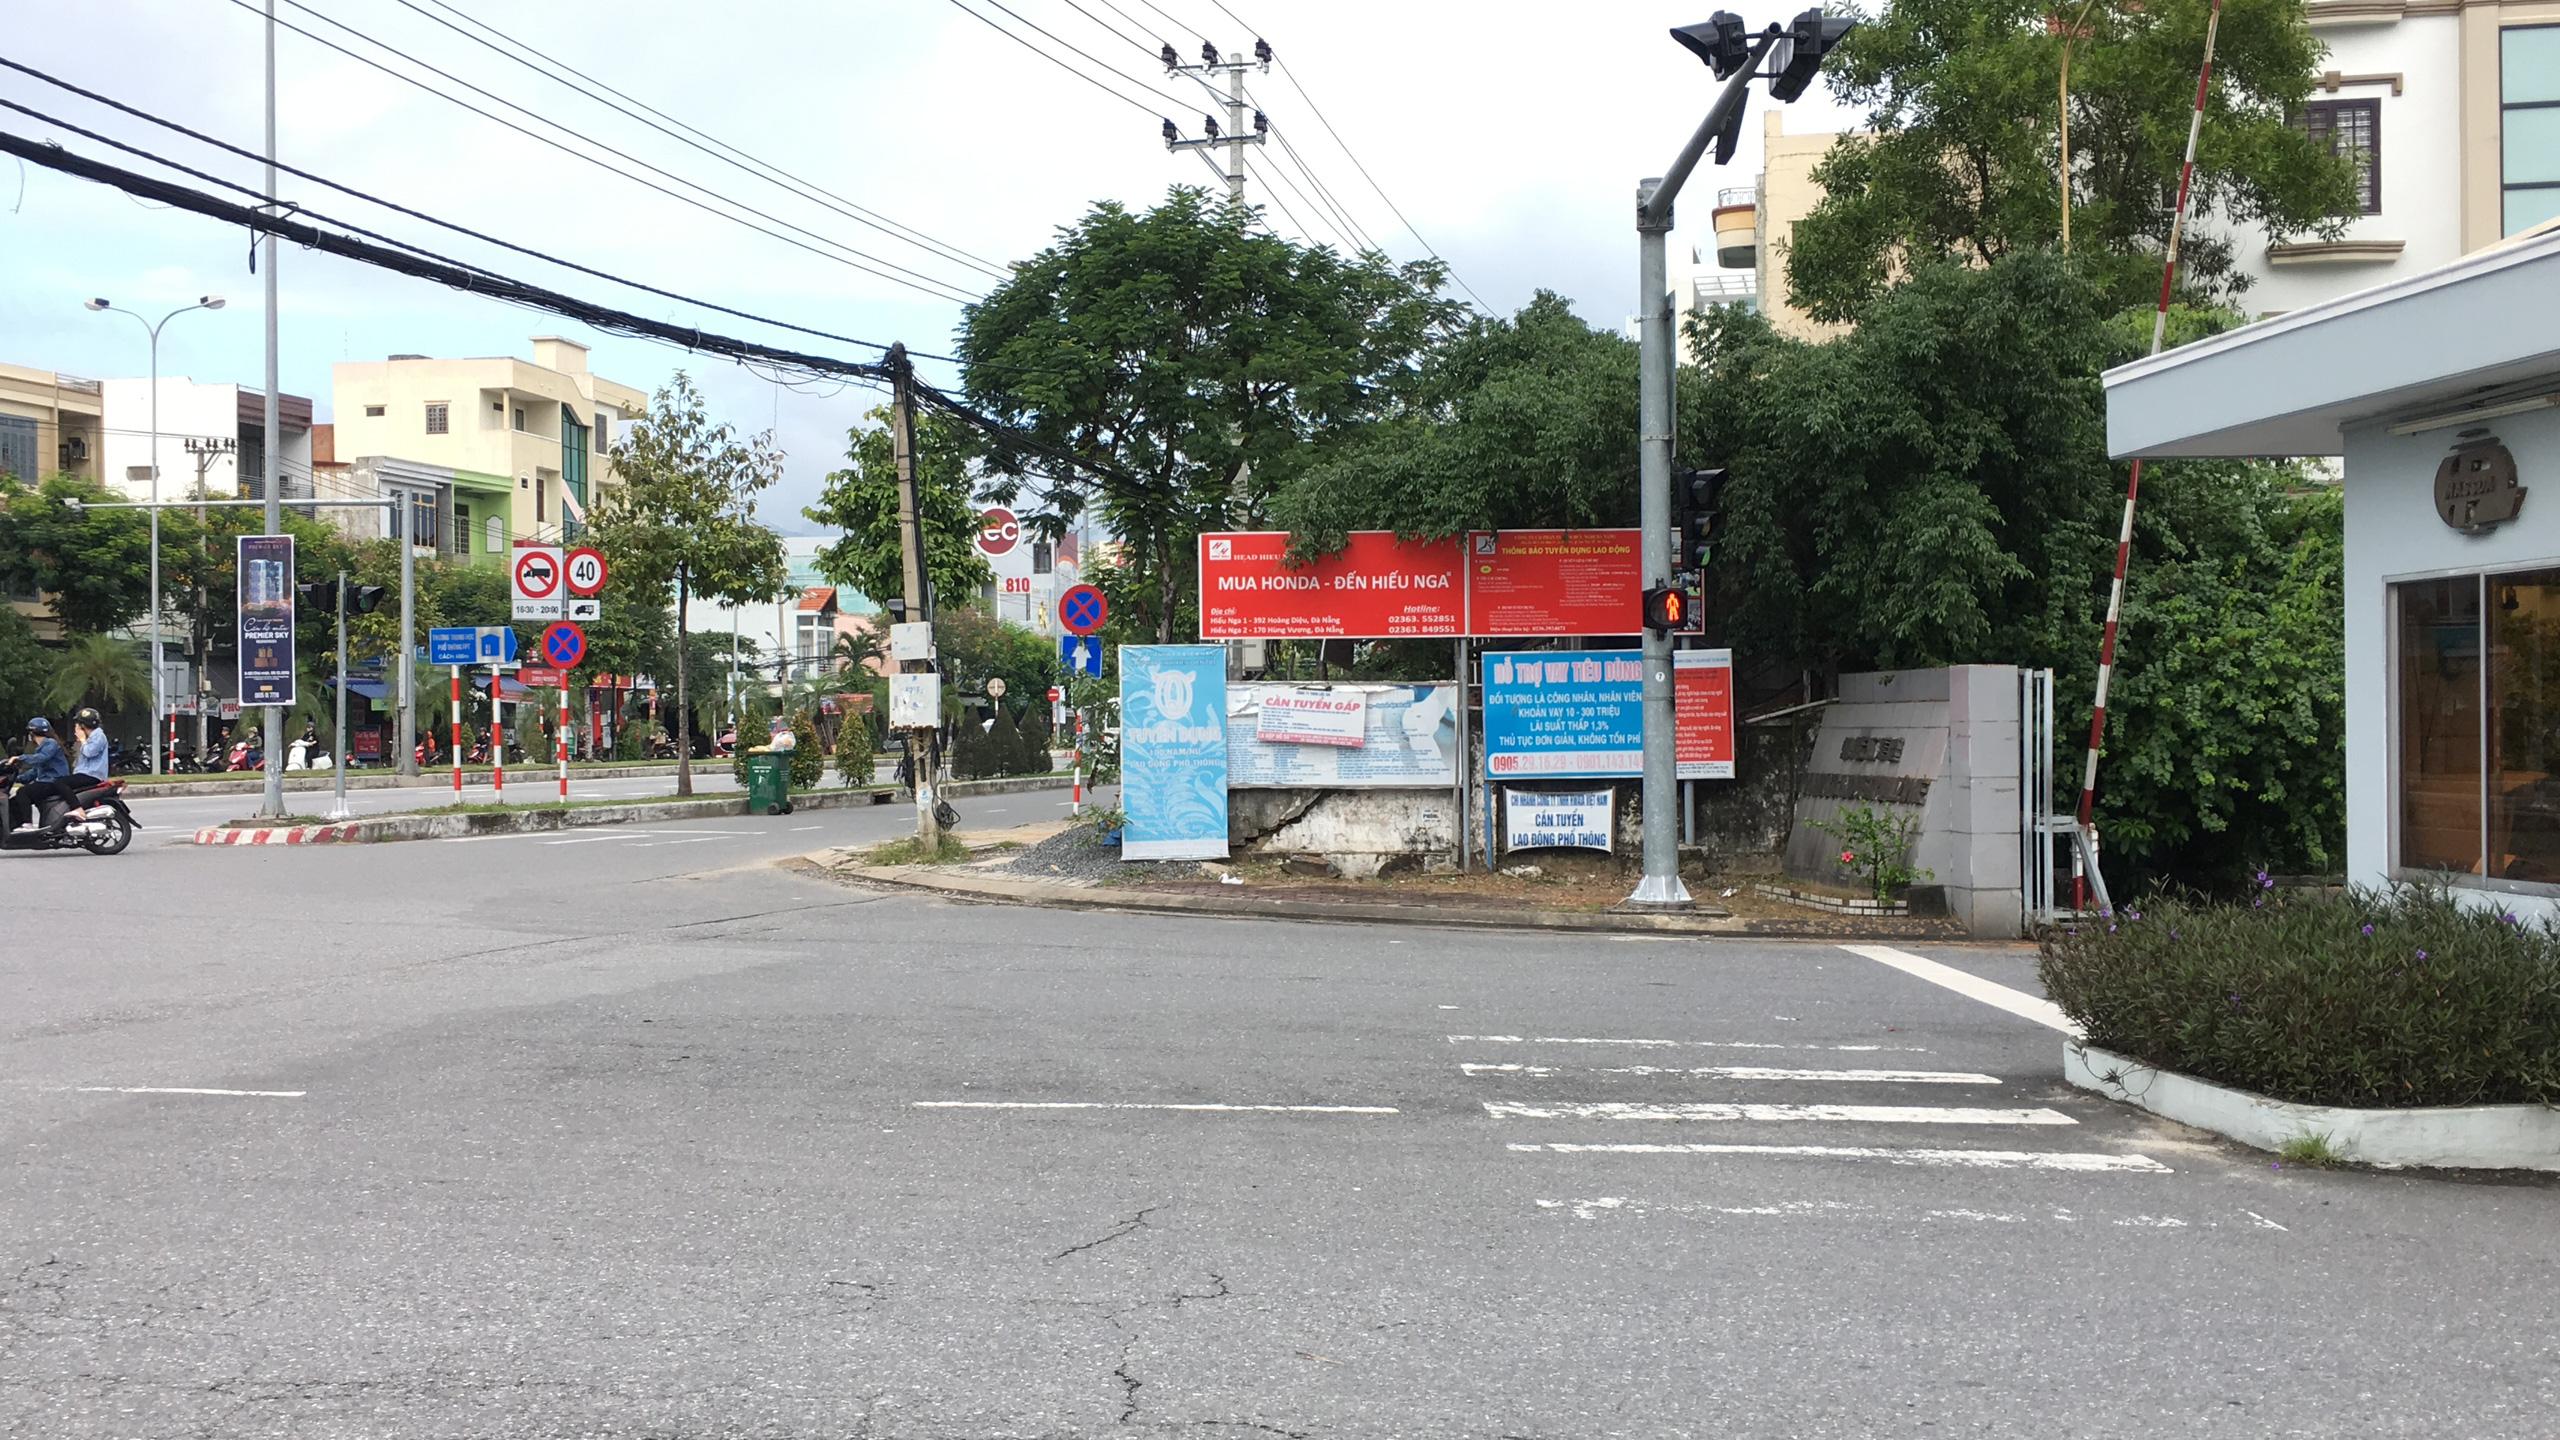 Khu đất tại KCN Đà Nẵng mà FPT sẽ chuyển mục đích sử dụng đất, xây dựng chung cư cao cấp có vị trí gần Vincom, gần biển Mỹ Khê - Ảnh 11.